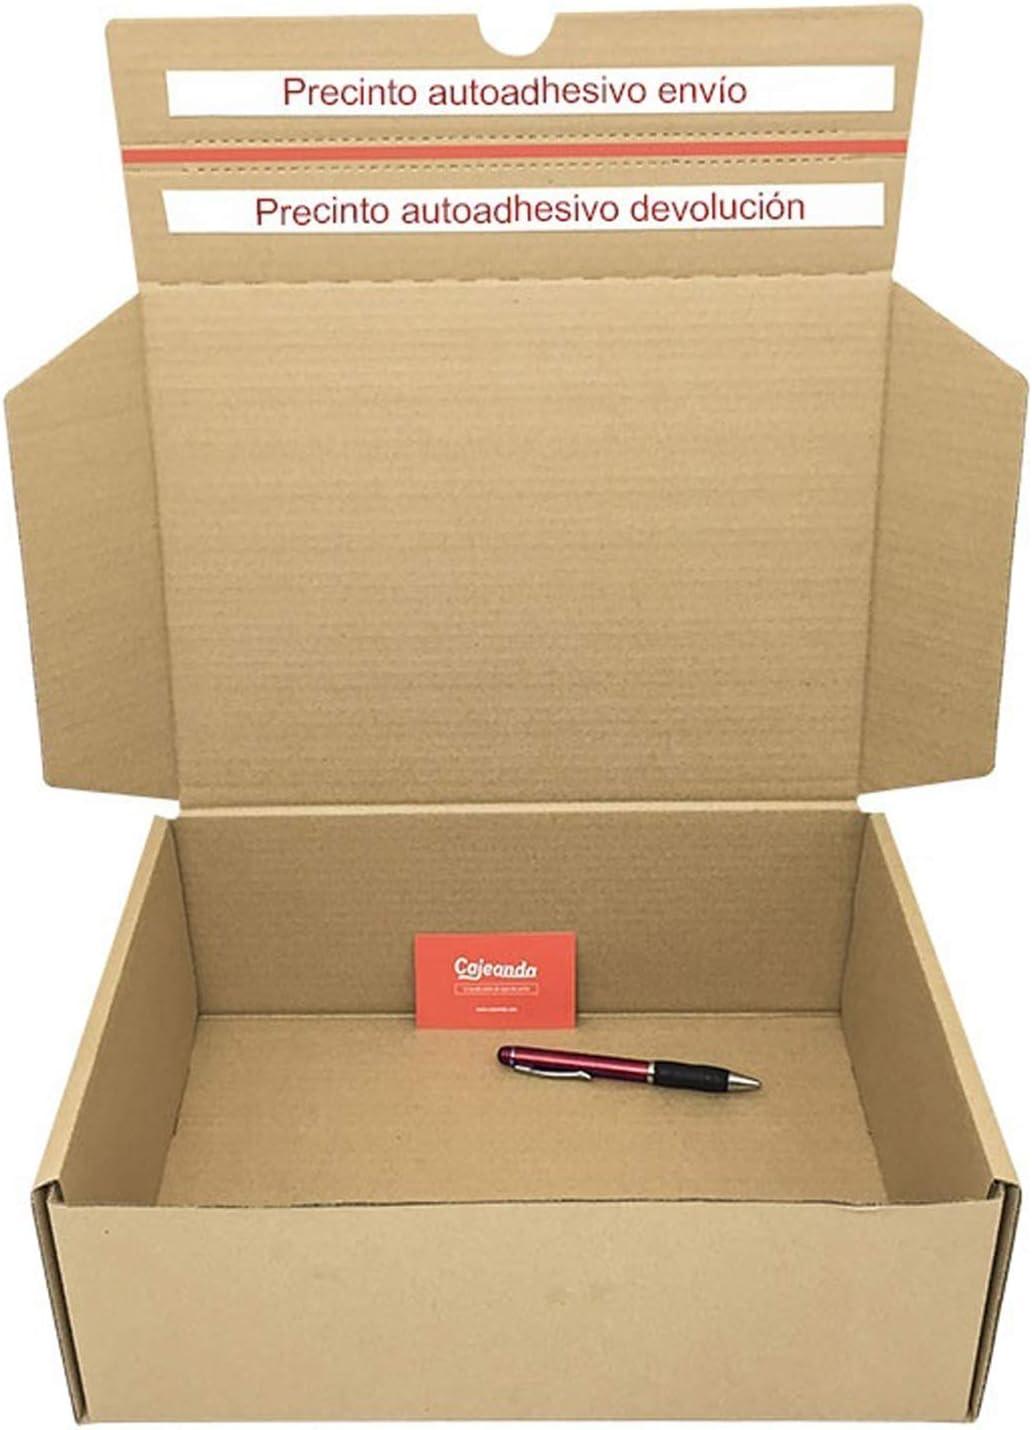 Pack de 10 Cajas de Cartón para Envíos (Caja Doble Envío) de 25 x 19 x 8,5 cm. Color Marrón. Permite Hacer Dos Envíos en Uno. Mudanzas. Fabricadas en ...